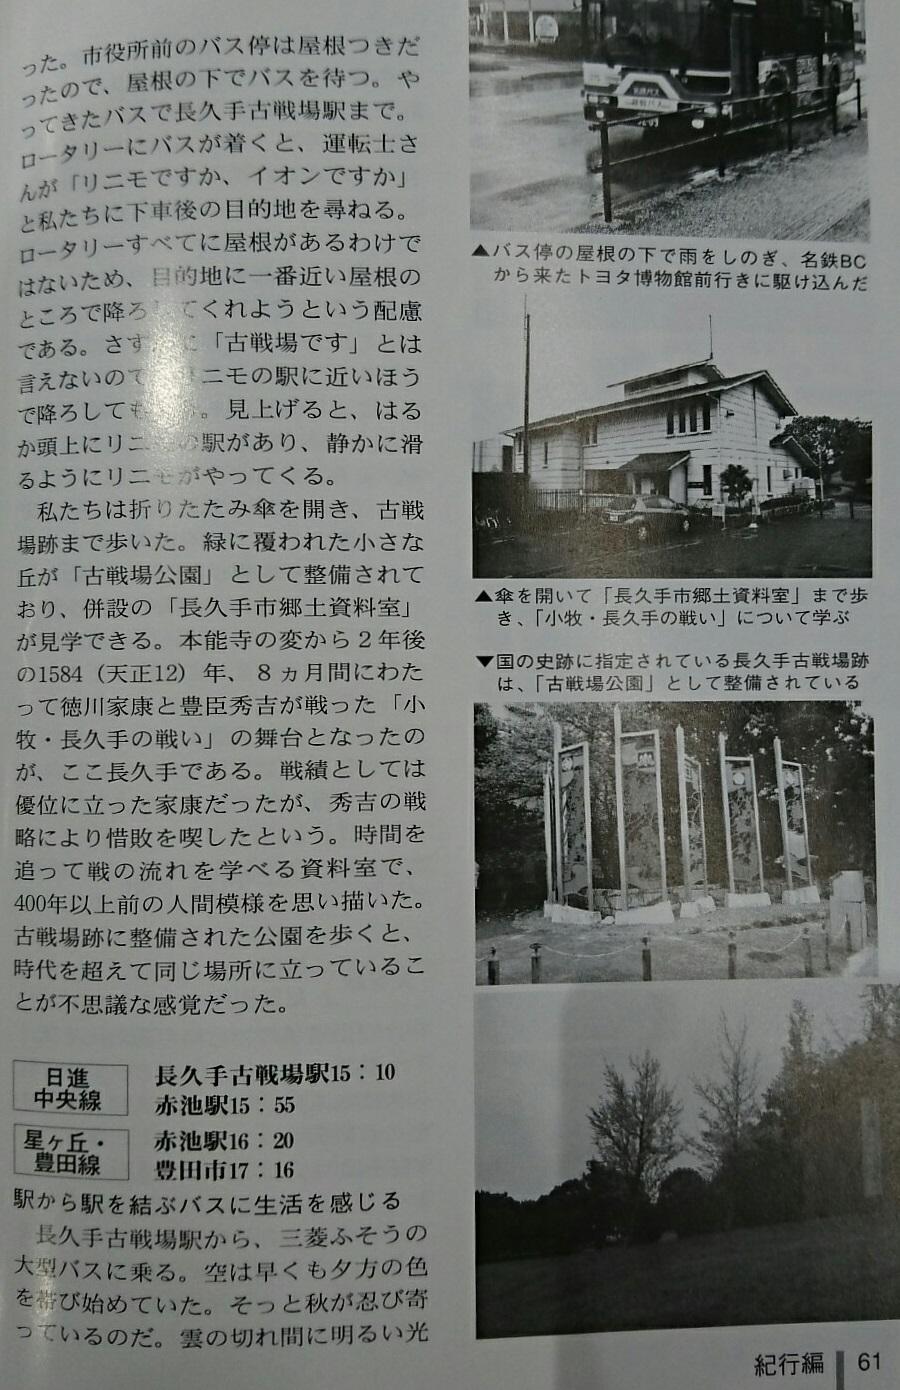 名鉄バス - 谷口礼子さん『尾張、三河の史跡と伝統産業』 (8) 900-1390